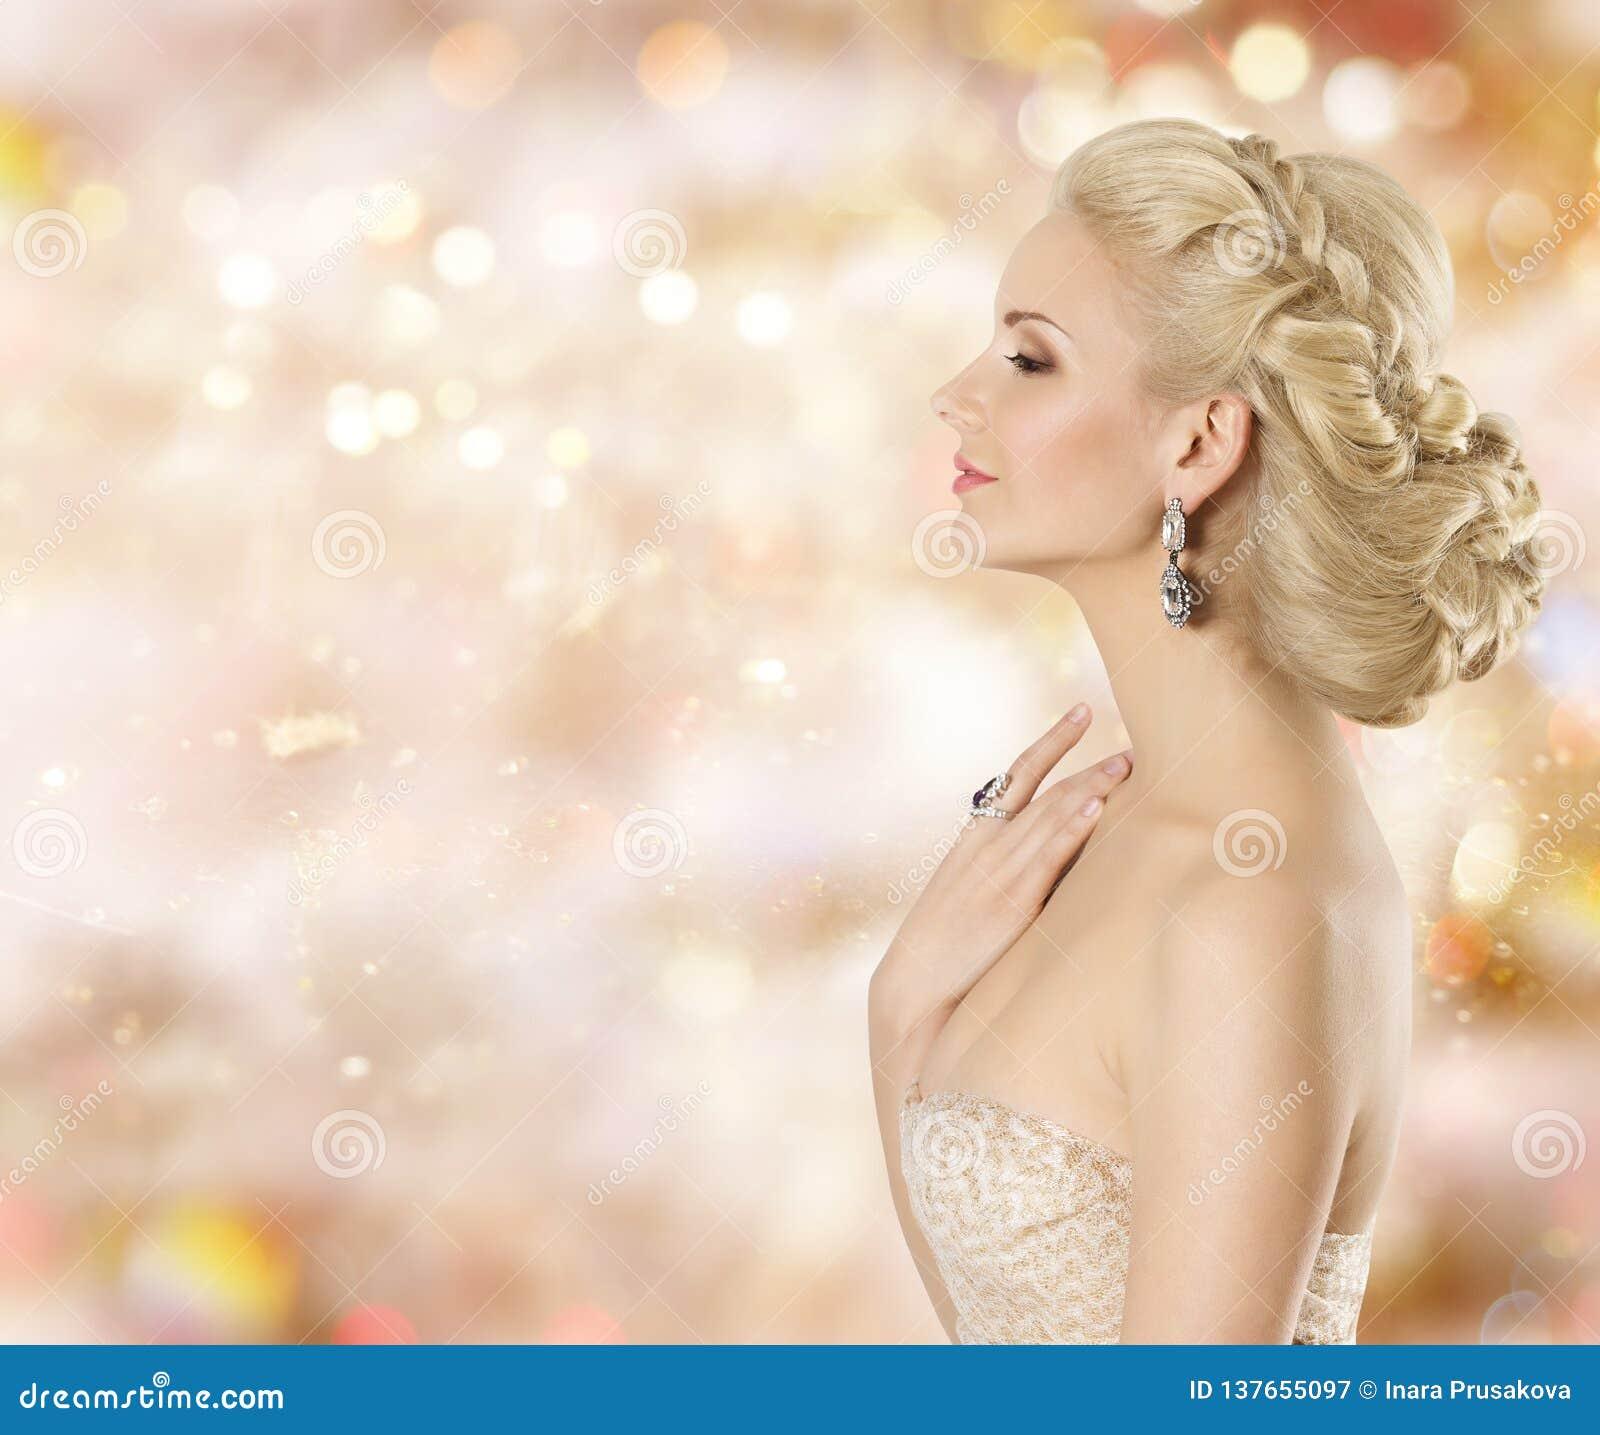 Modello di moda Beauty Portrait, gioielli della donna elegante, bella ragazza che odora cosmetica